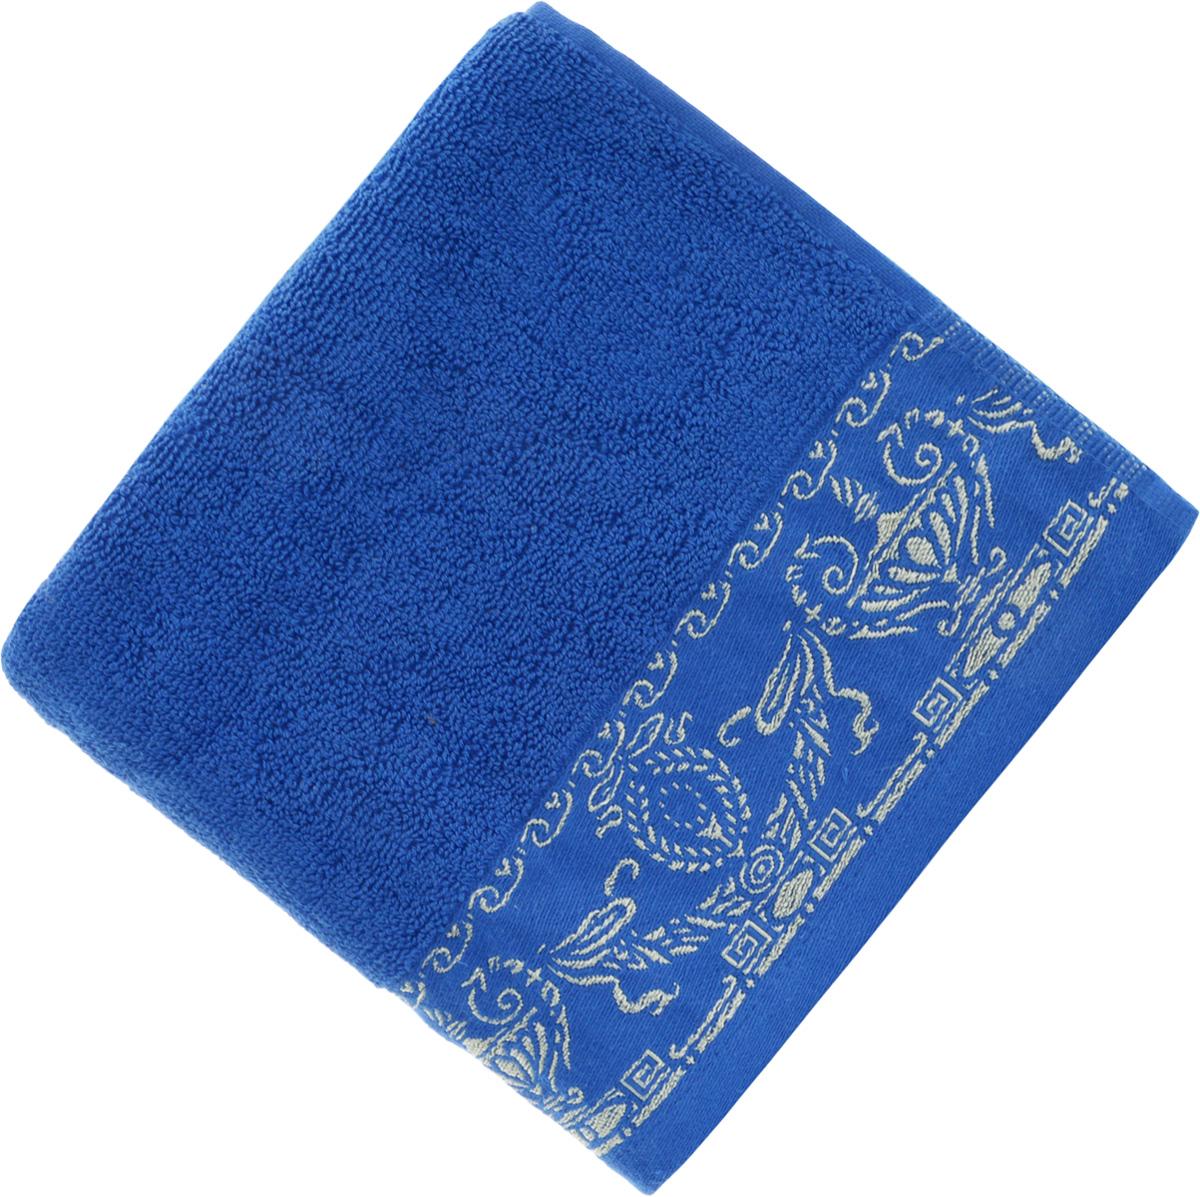 Полотенце Soavita Premium. Амфора, цвет: синий, 45 х 80 см